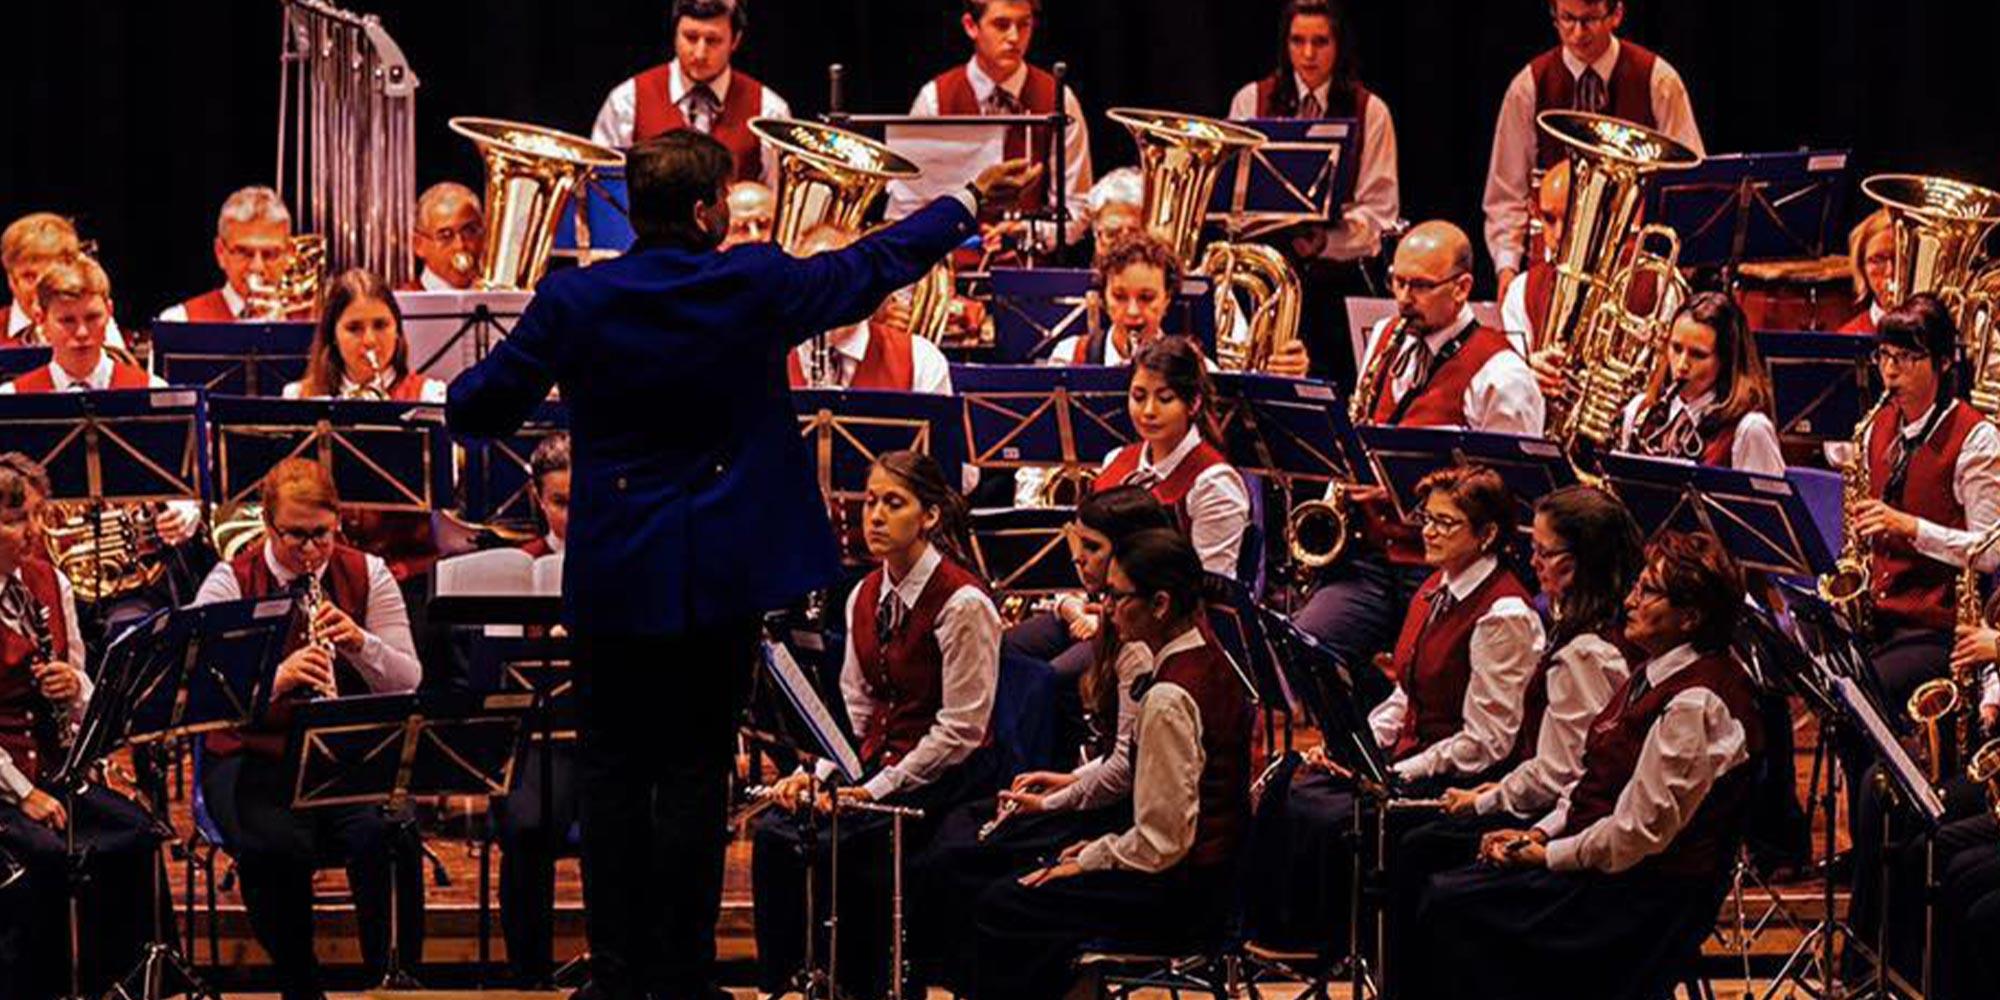 Wiener Blasmusikverein